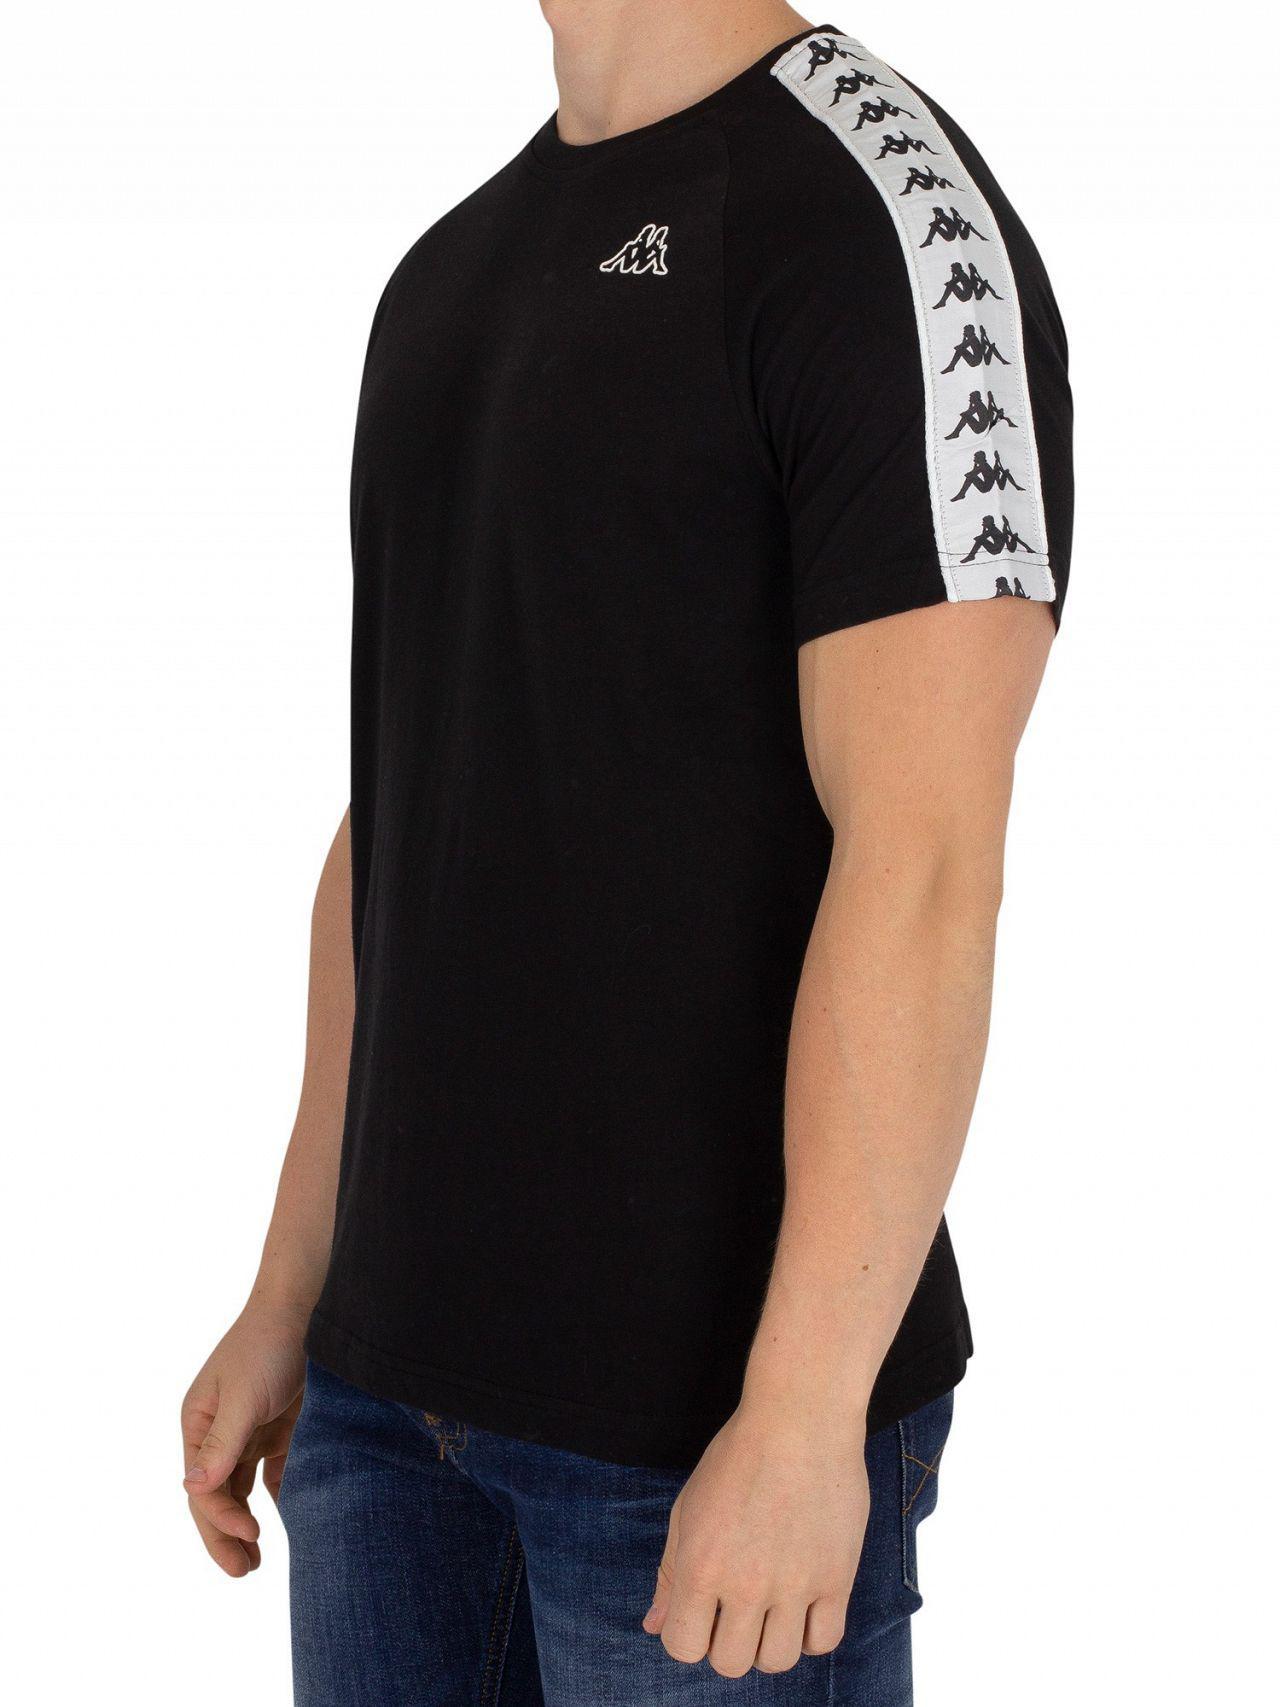 bef5462217 Lyst - Kappa Black/white Coen Slim T-shirt in Black for Men